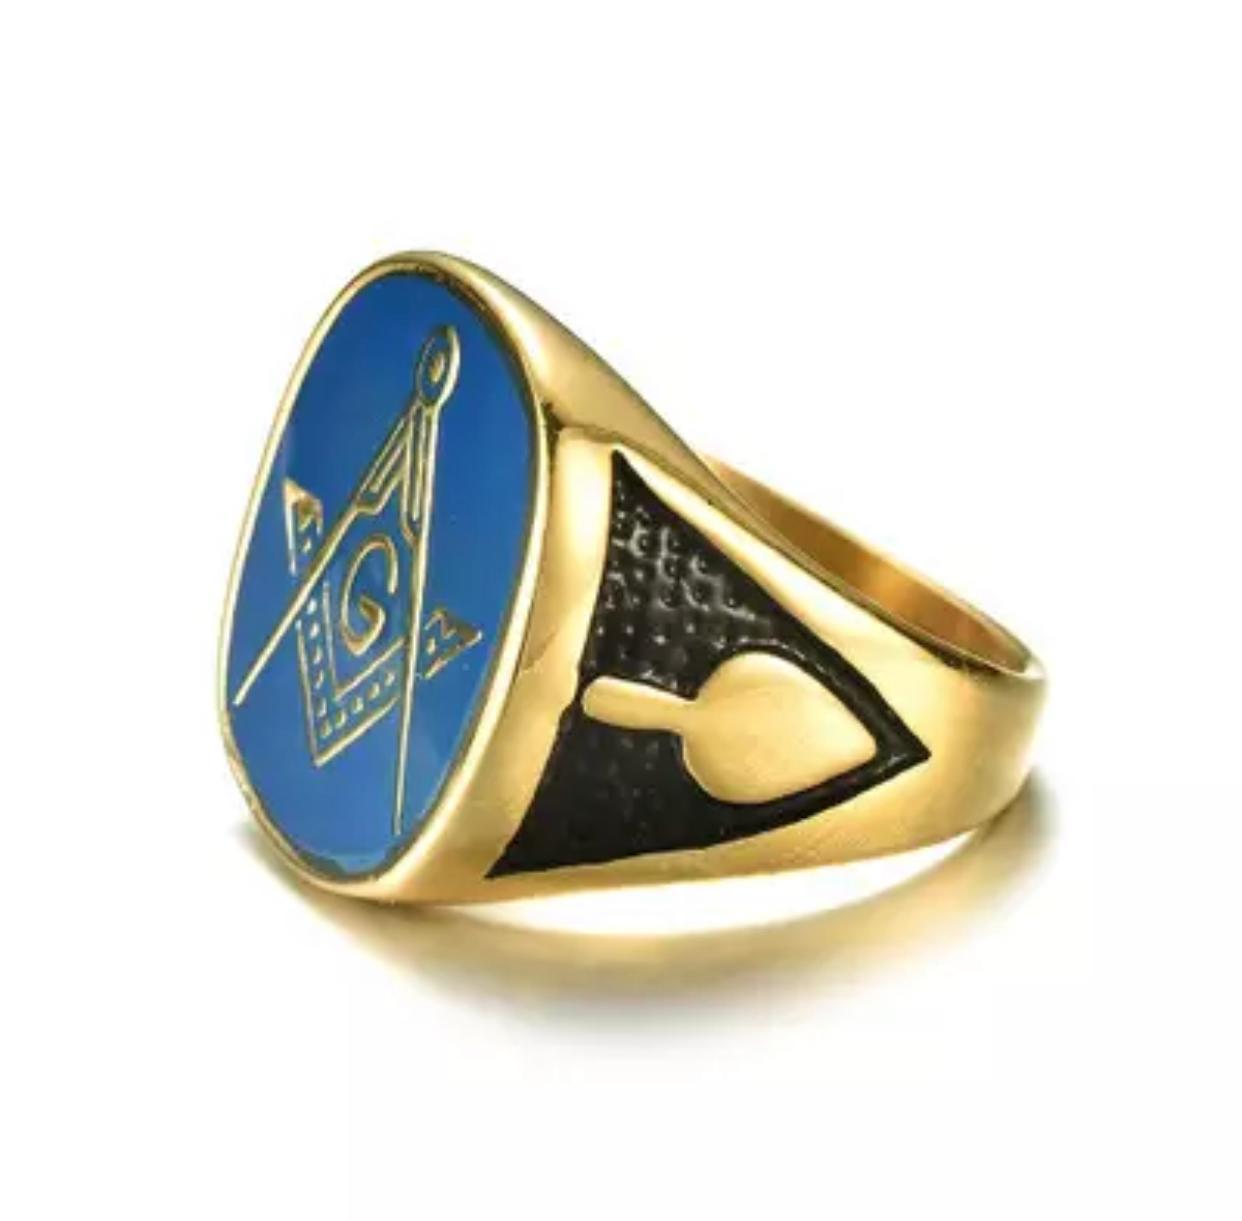 Anel Gold com Azul - Super Luxo